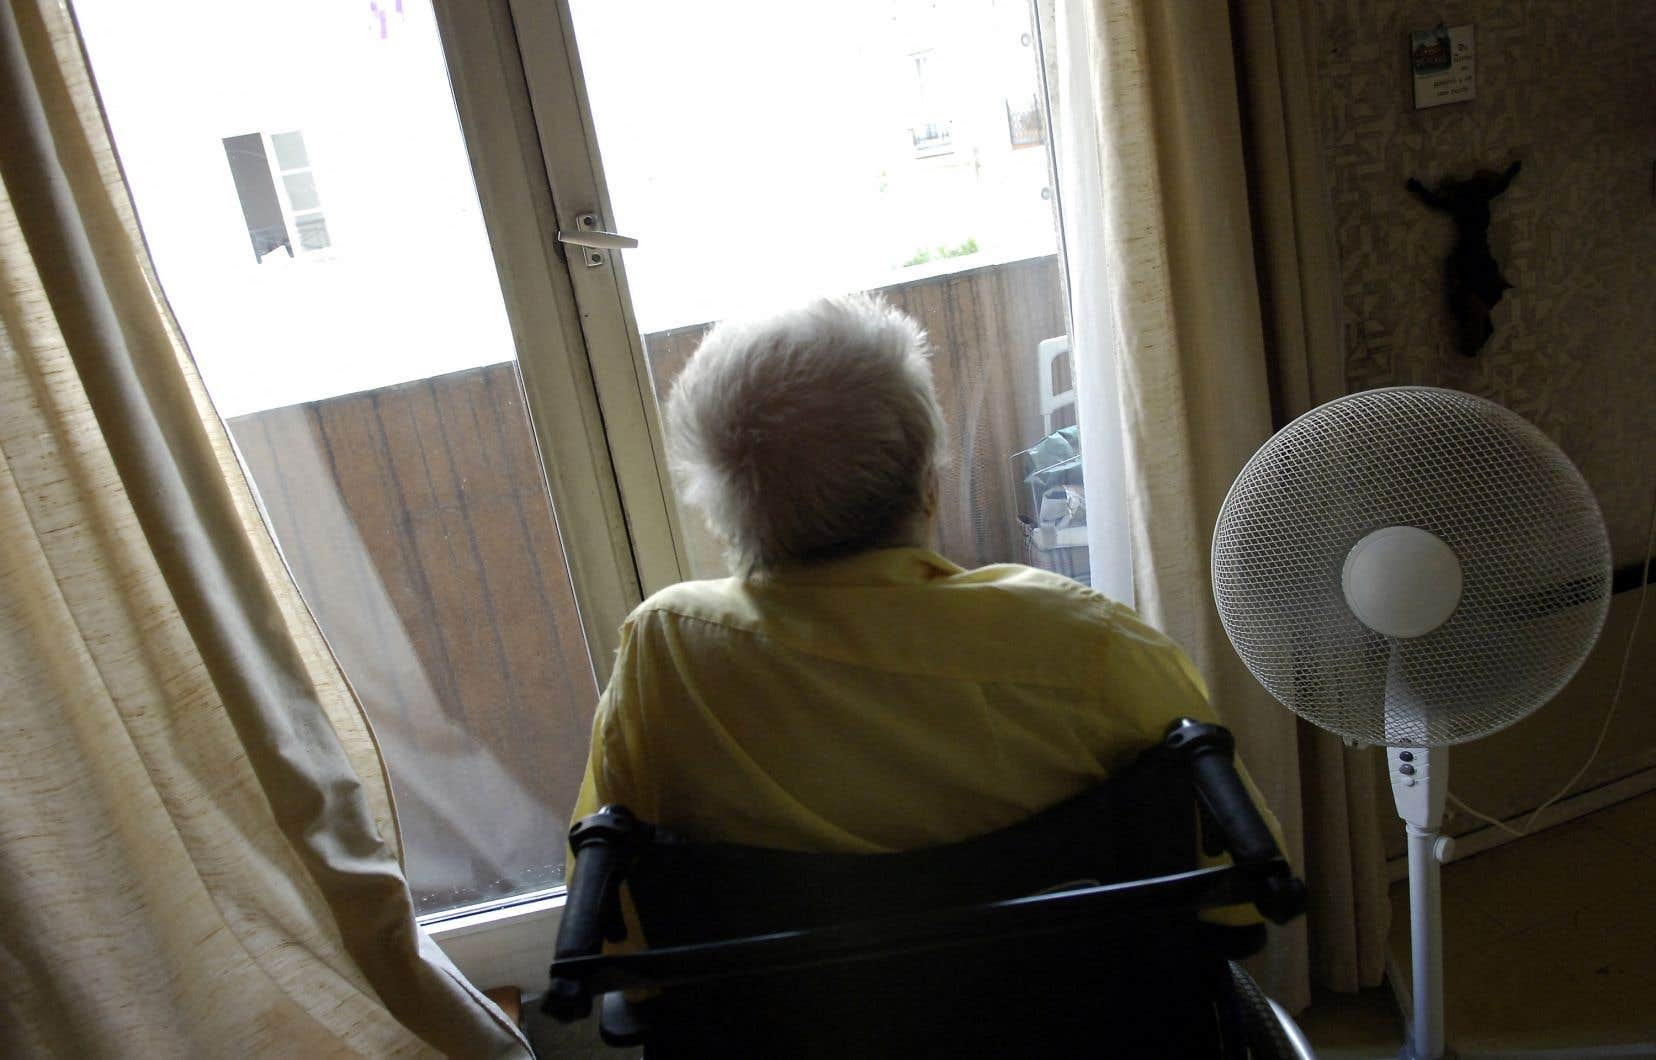 «Pour les personnes âgées isolées vivant dans des appartements inadéquats — dont l'isolement et les problèmes psychologiques ont généralement été renforcés par la pandémie — avoir accès à la fraîcheur du soir représente une question de vie ou de mort», estime l'auteur.